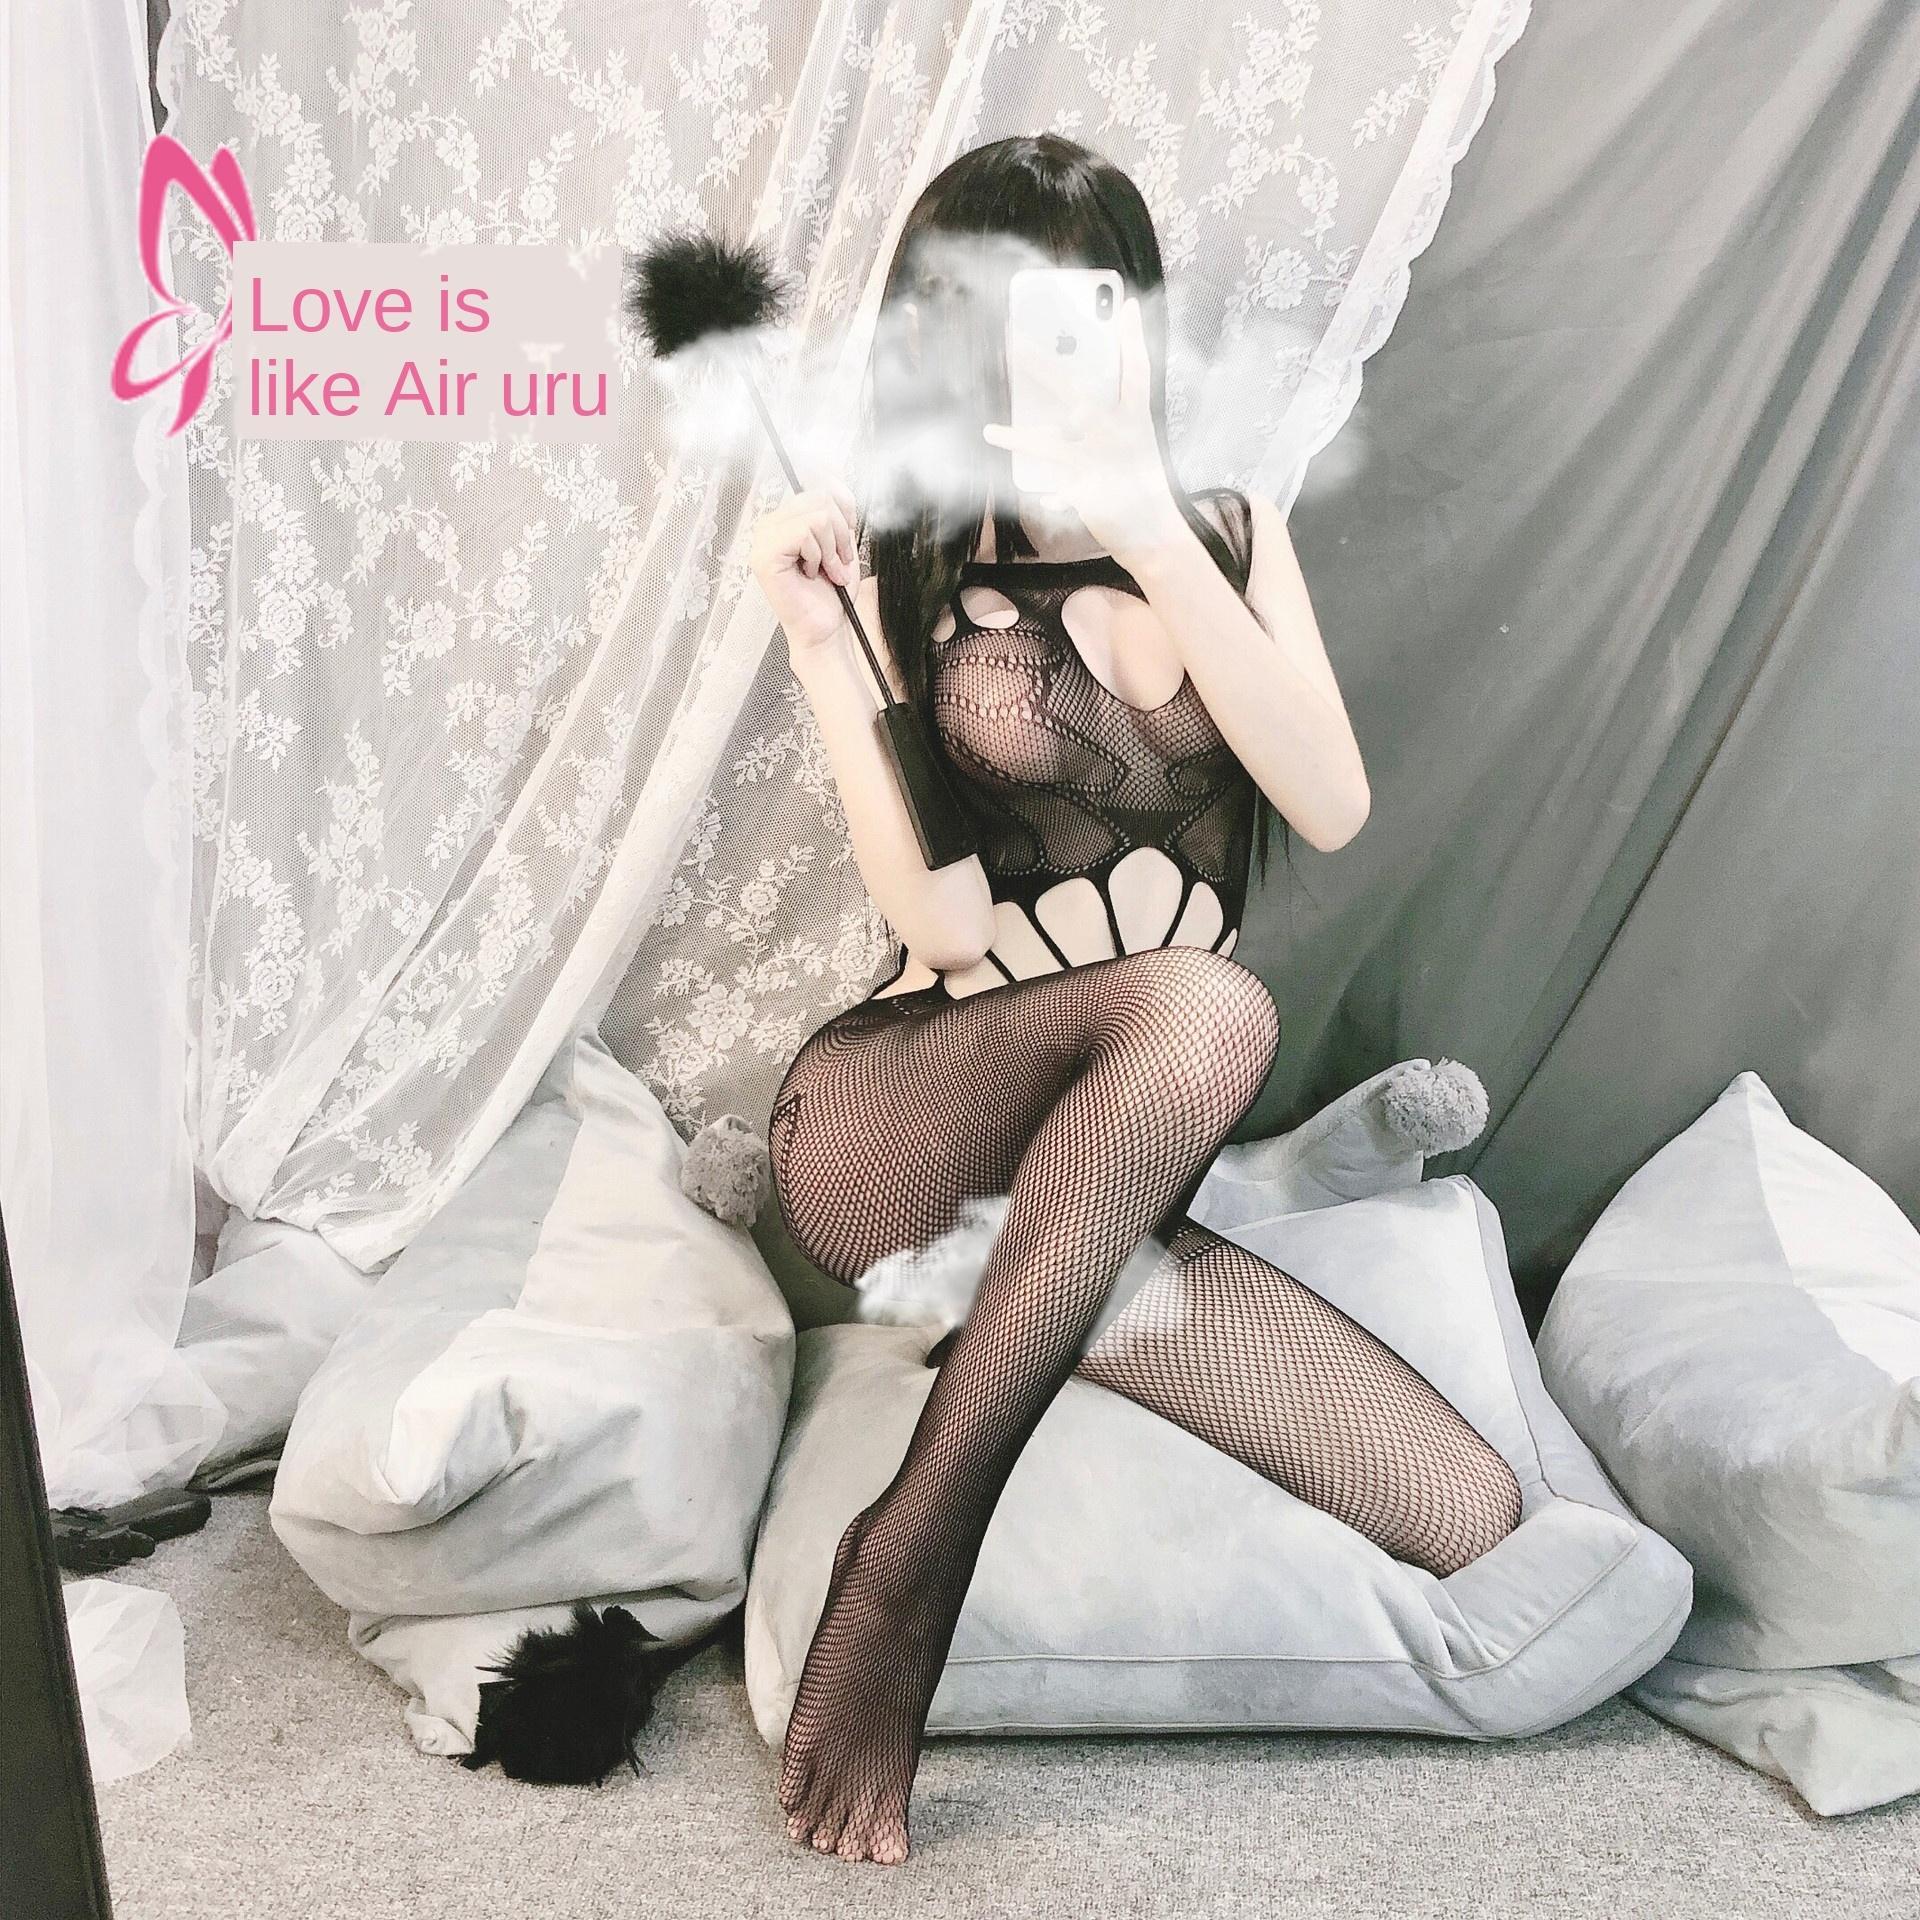 Amor Ruru sexy calcinha de três pontos paixão livre apertado lágrima pequena Underwear peito sexy malha fábrica de terno